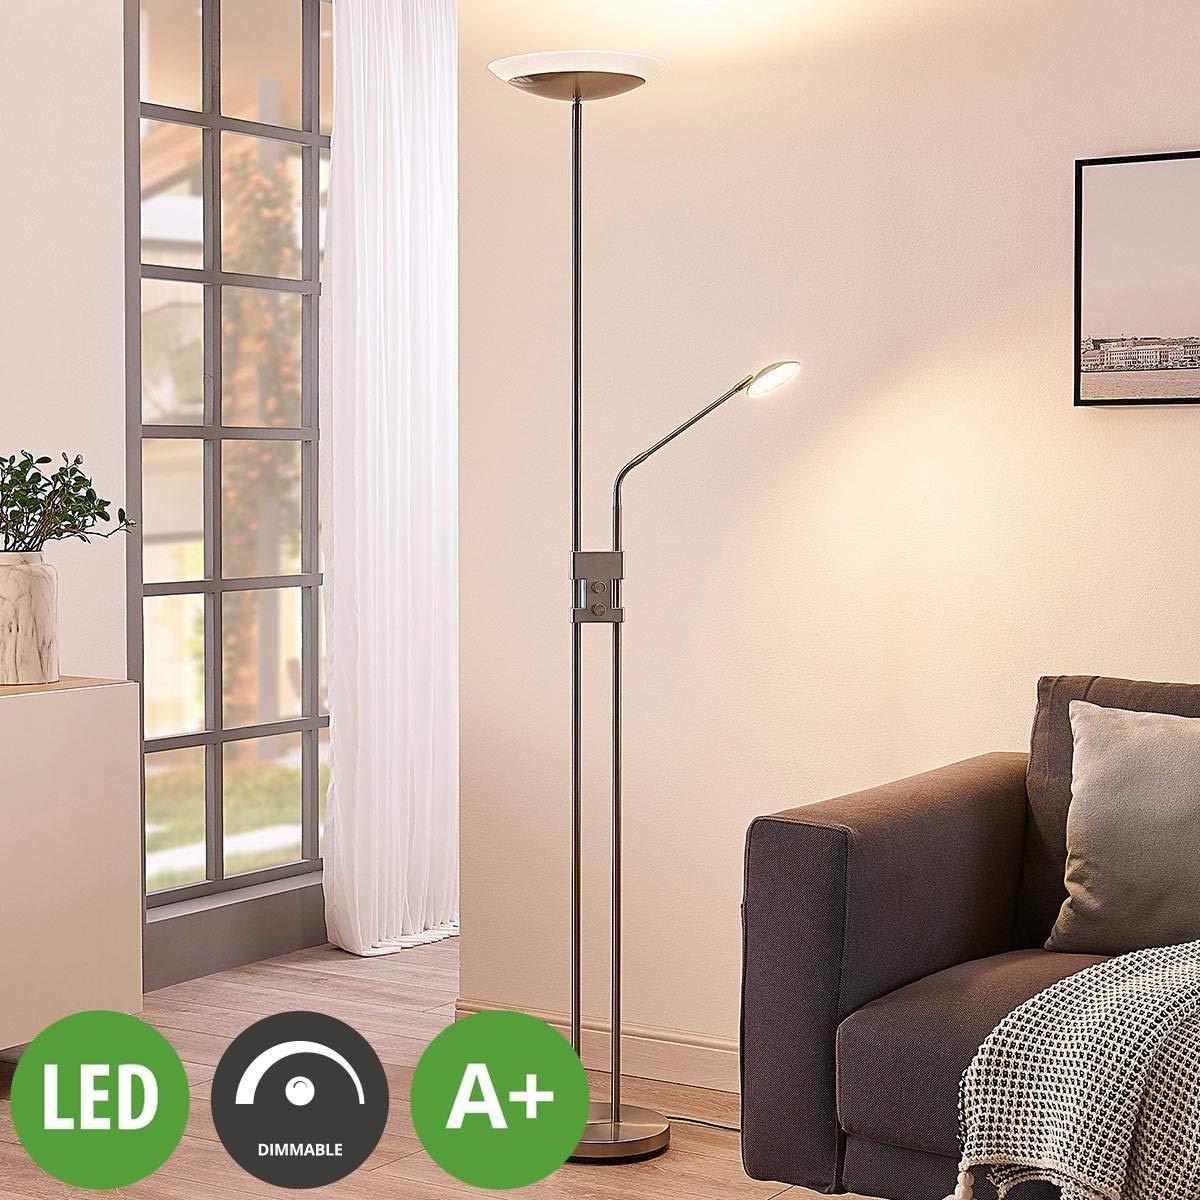 Lampenwelt LED Stehlampe 'Jonne' dimmbar (Modern) in Alu aus Metall u.a. für Wohnzimmer & Esszimmer (2 flammig, A+, inkl. Leuchtmittel) | Wohnzimmerlampe, Stehleuchte, Floor Lamp, Deckenfluter